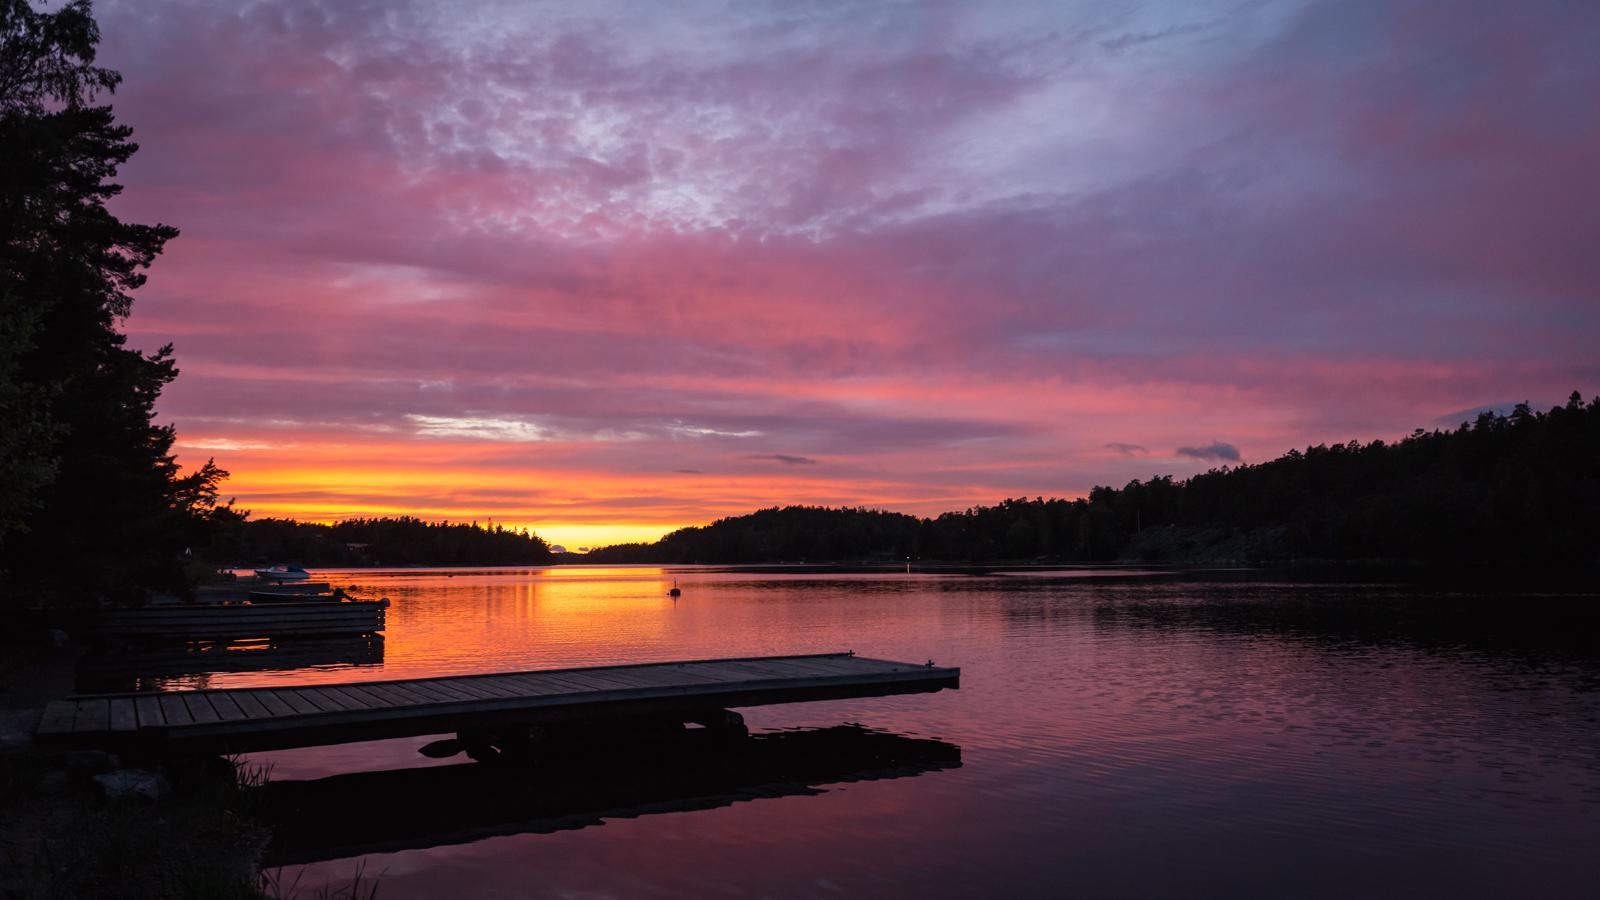 Jahresrückblick 2017 - Sonnenaufgang in Schweden